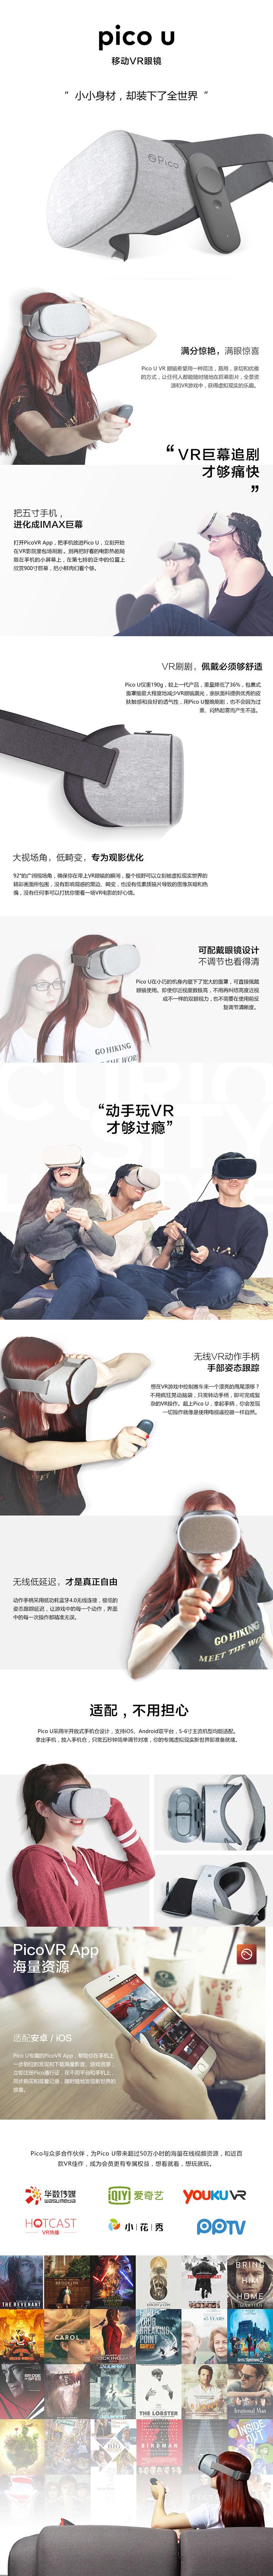 Pico U移动VR眼镜免费试用,评测